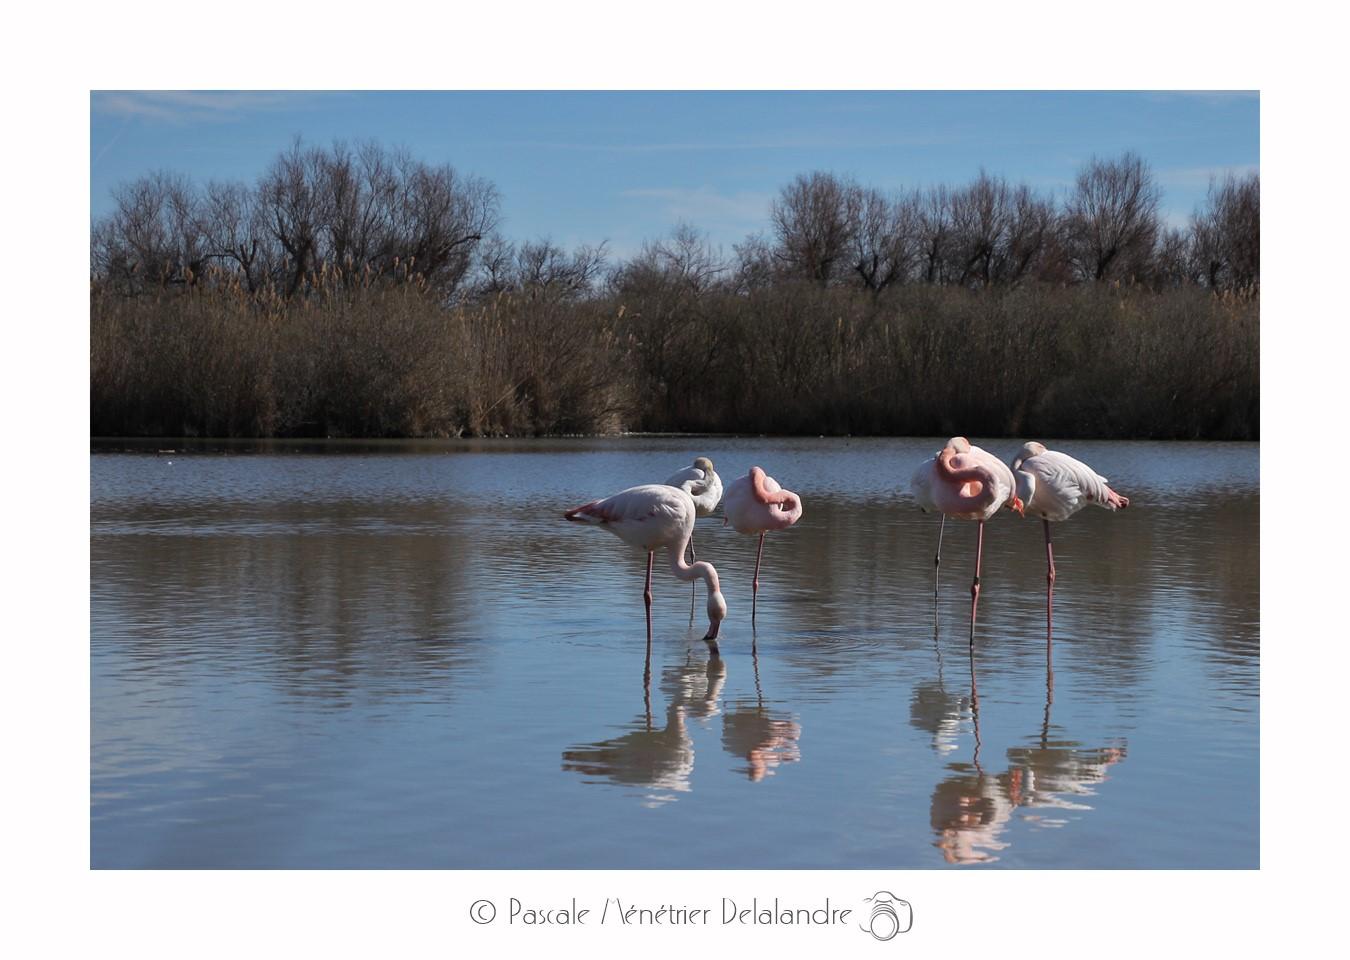 Balade au Parc Ornithologique du Pont de Gau (Camargue - Bouches du Rhône)